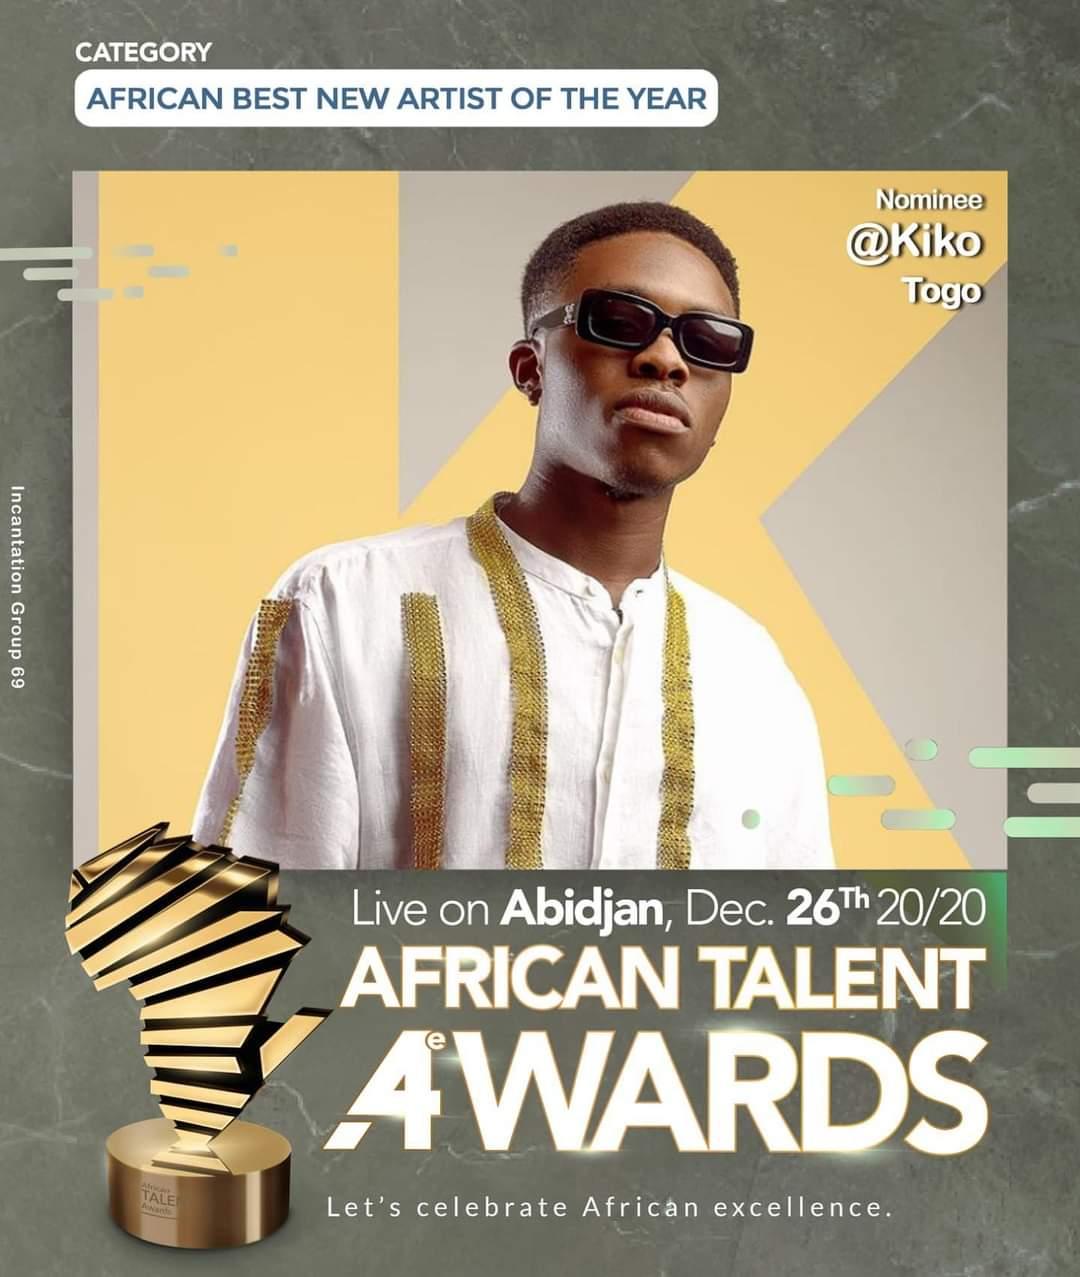 Santrinos Raphaël et Kiko, nominés pour cette nouvelle édition Les deux grands artistes de la musique Lover au Togo ont réussi à impressionner le comité d'organisation des African Talent Awards.